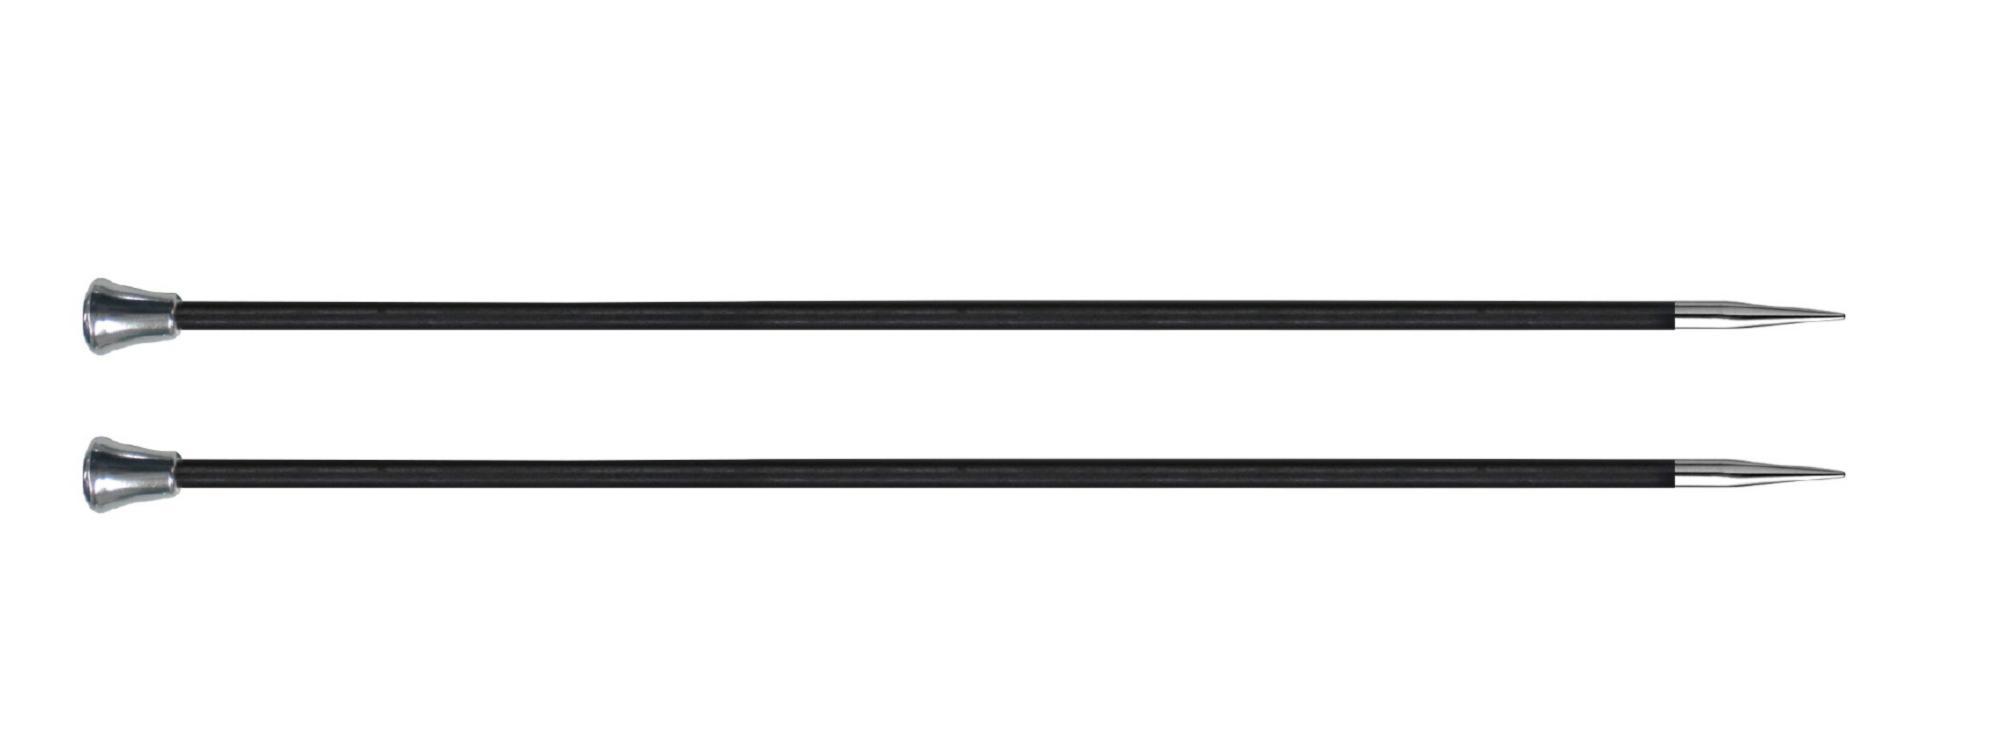 Спицы прямые 25 см Karbonz KnitPro, 41262, 6.00 мм